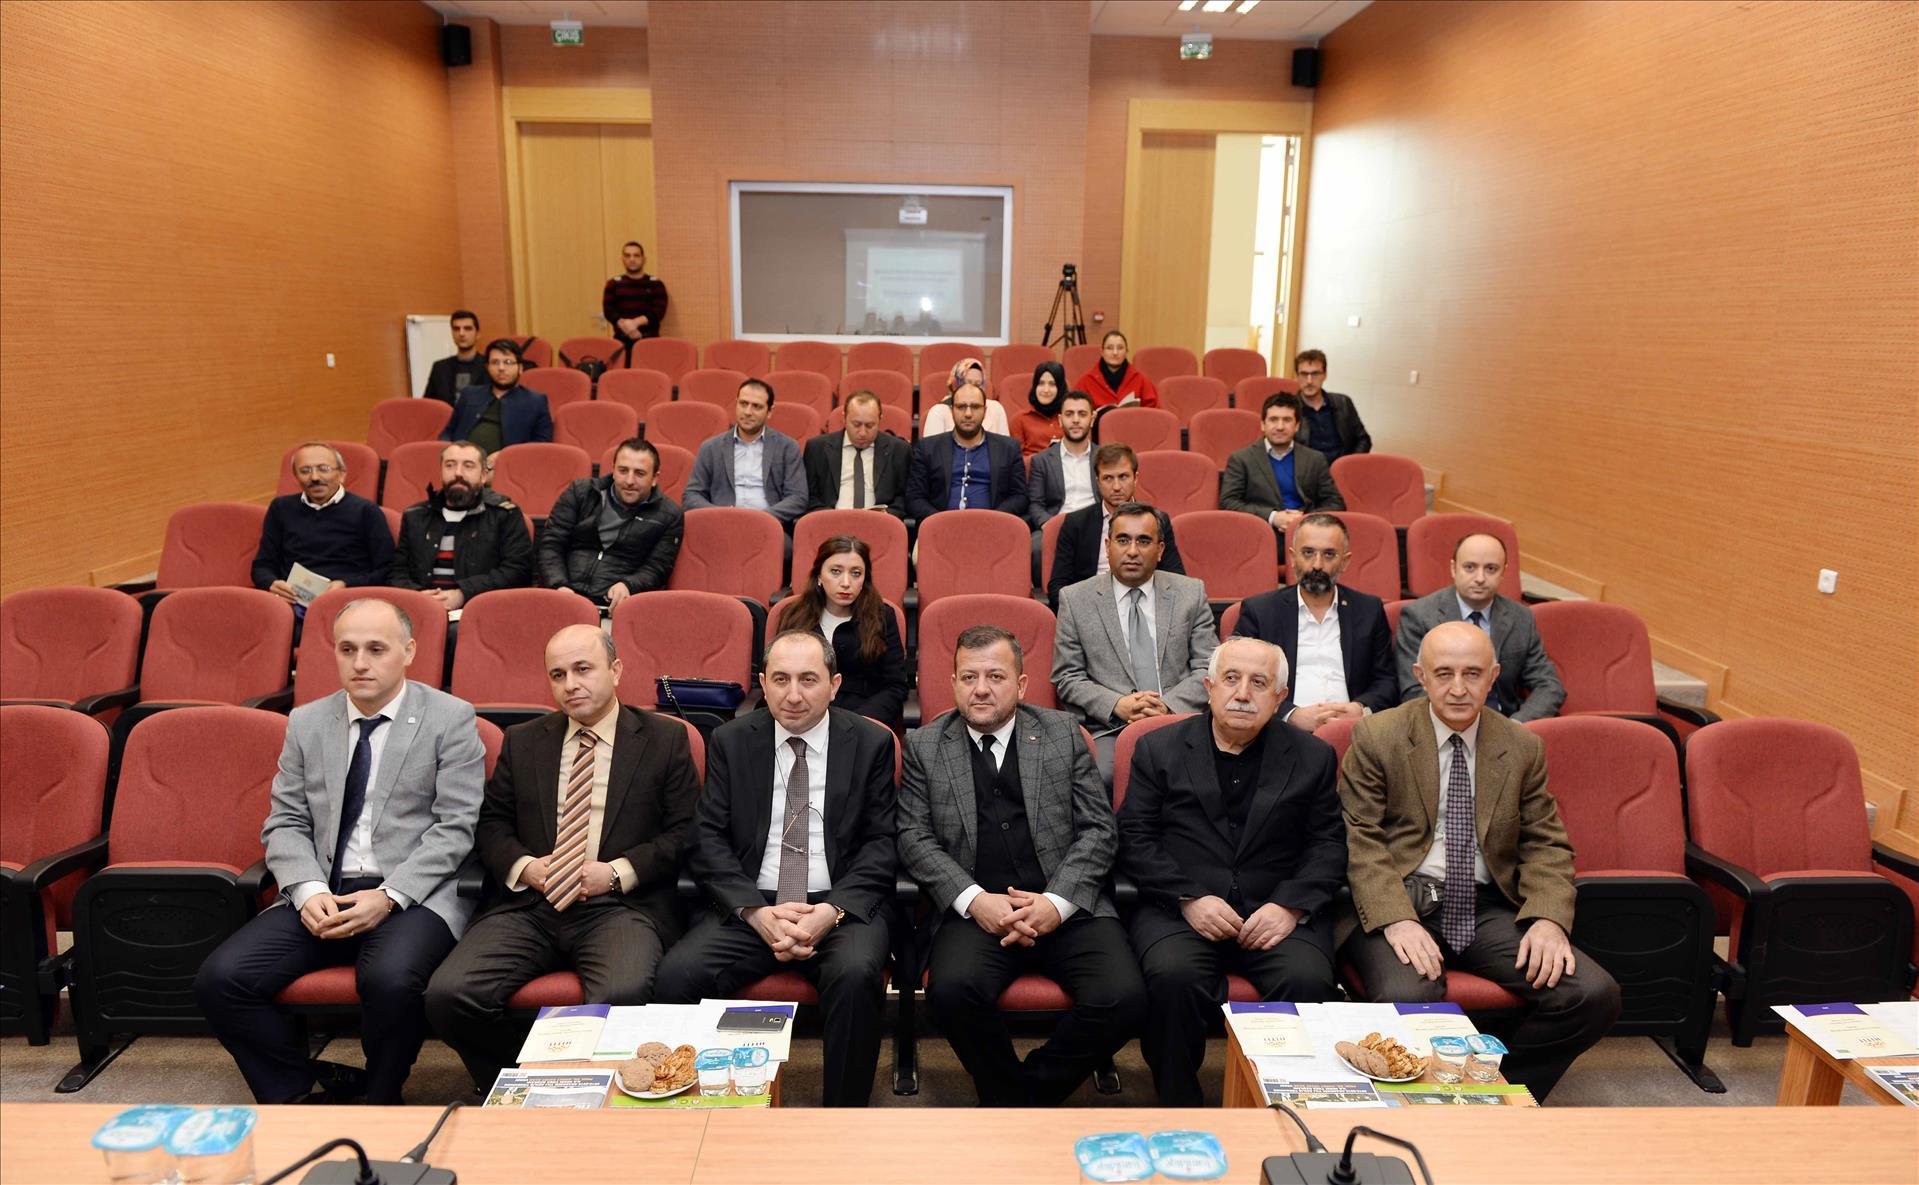 Kamu-Üniversite-Sanayi İş Birliği Değerlendirme Toplantısının İlki Teknokent'te Yapıldı